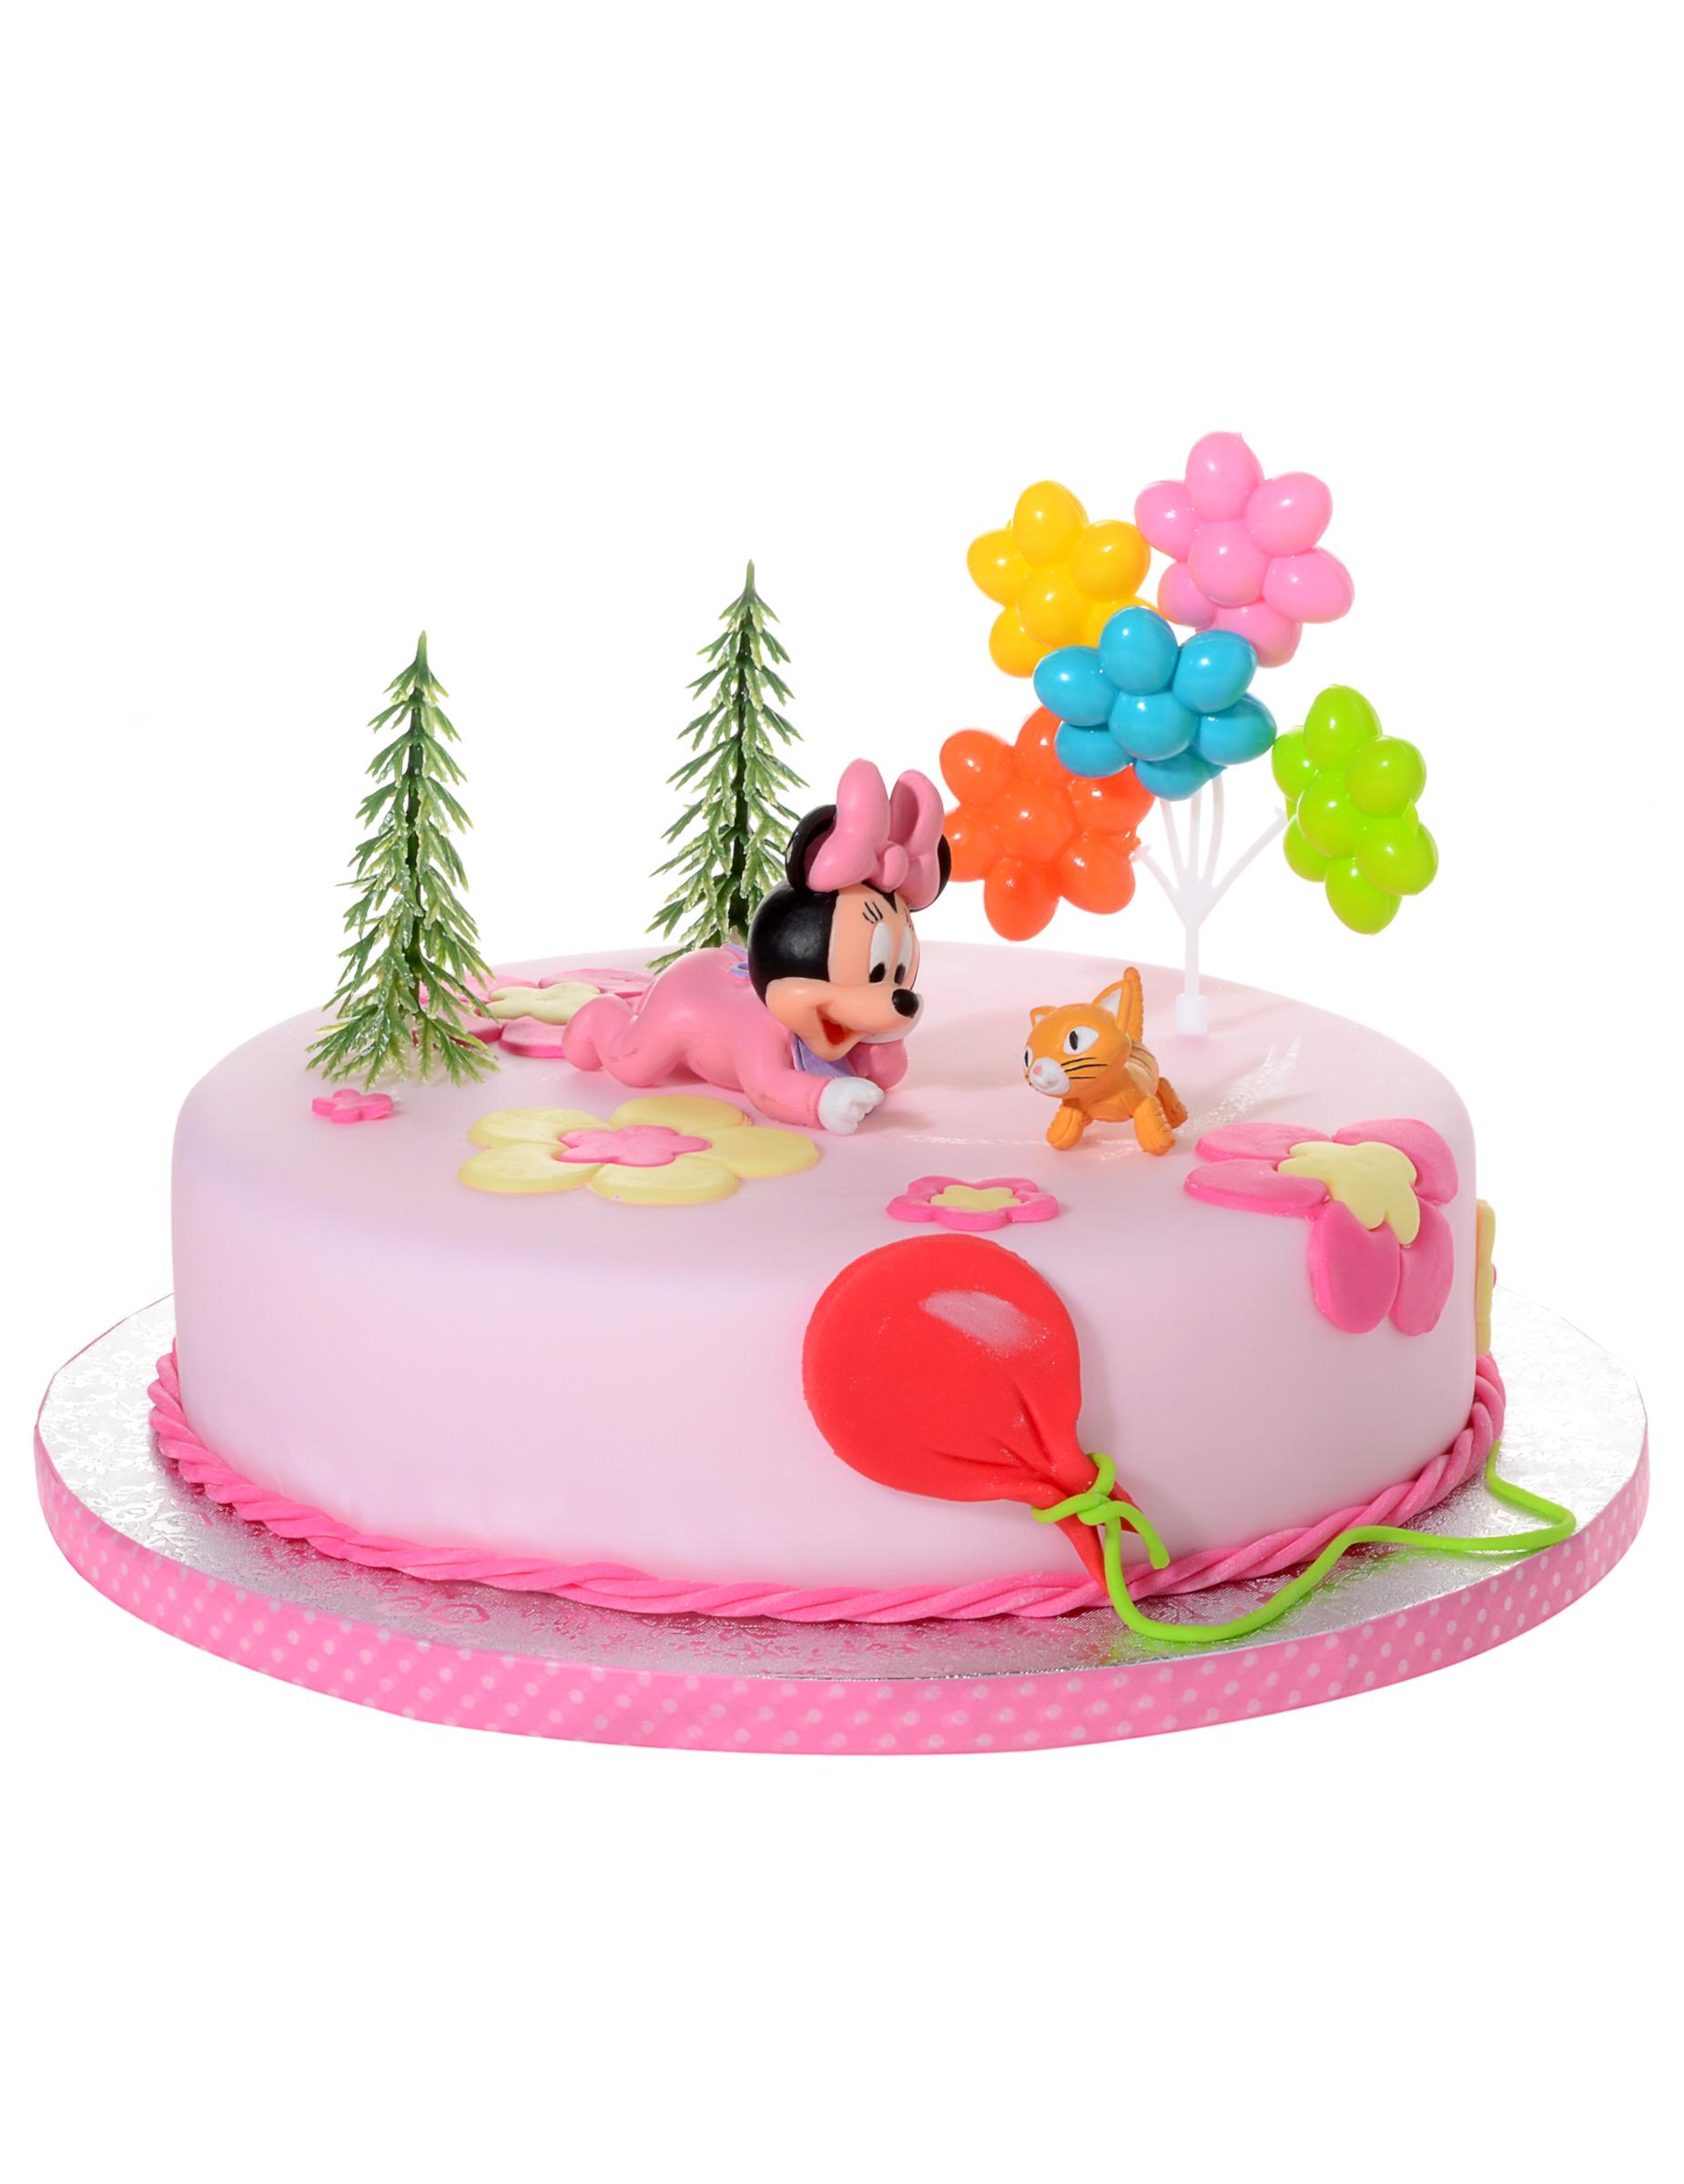 Onwijs Taart decoratie set baby Minnie Mouse™: Decoratie,en goedkope OI-86